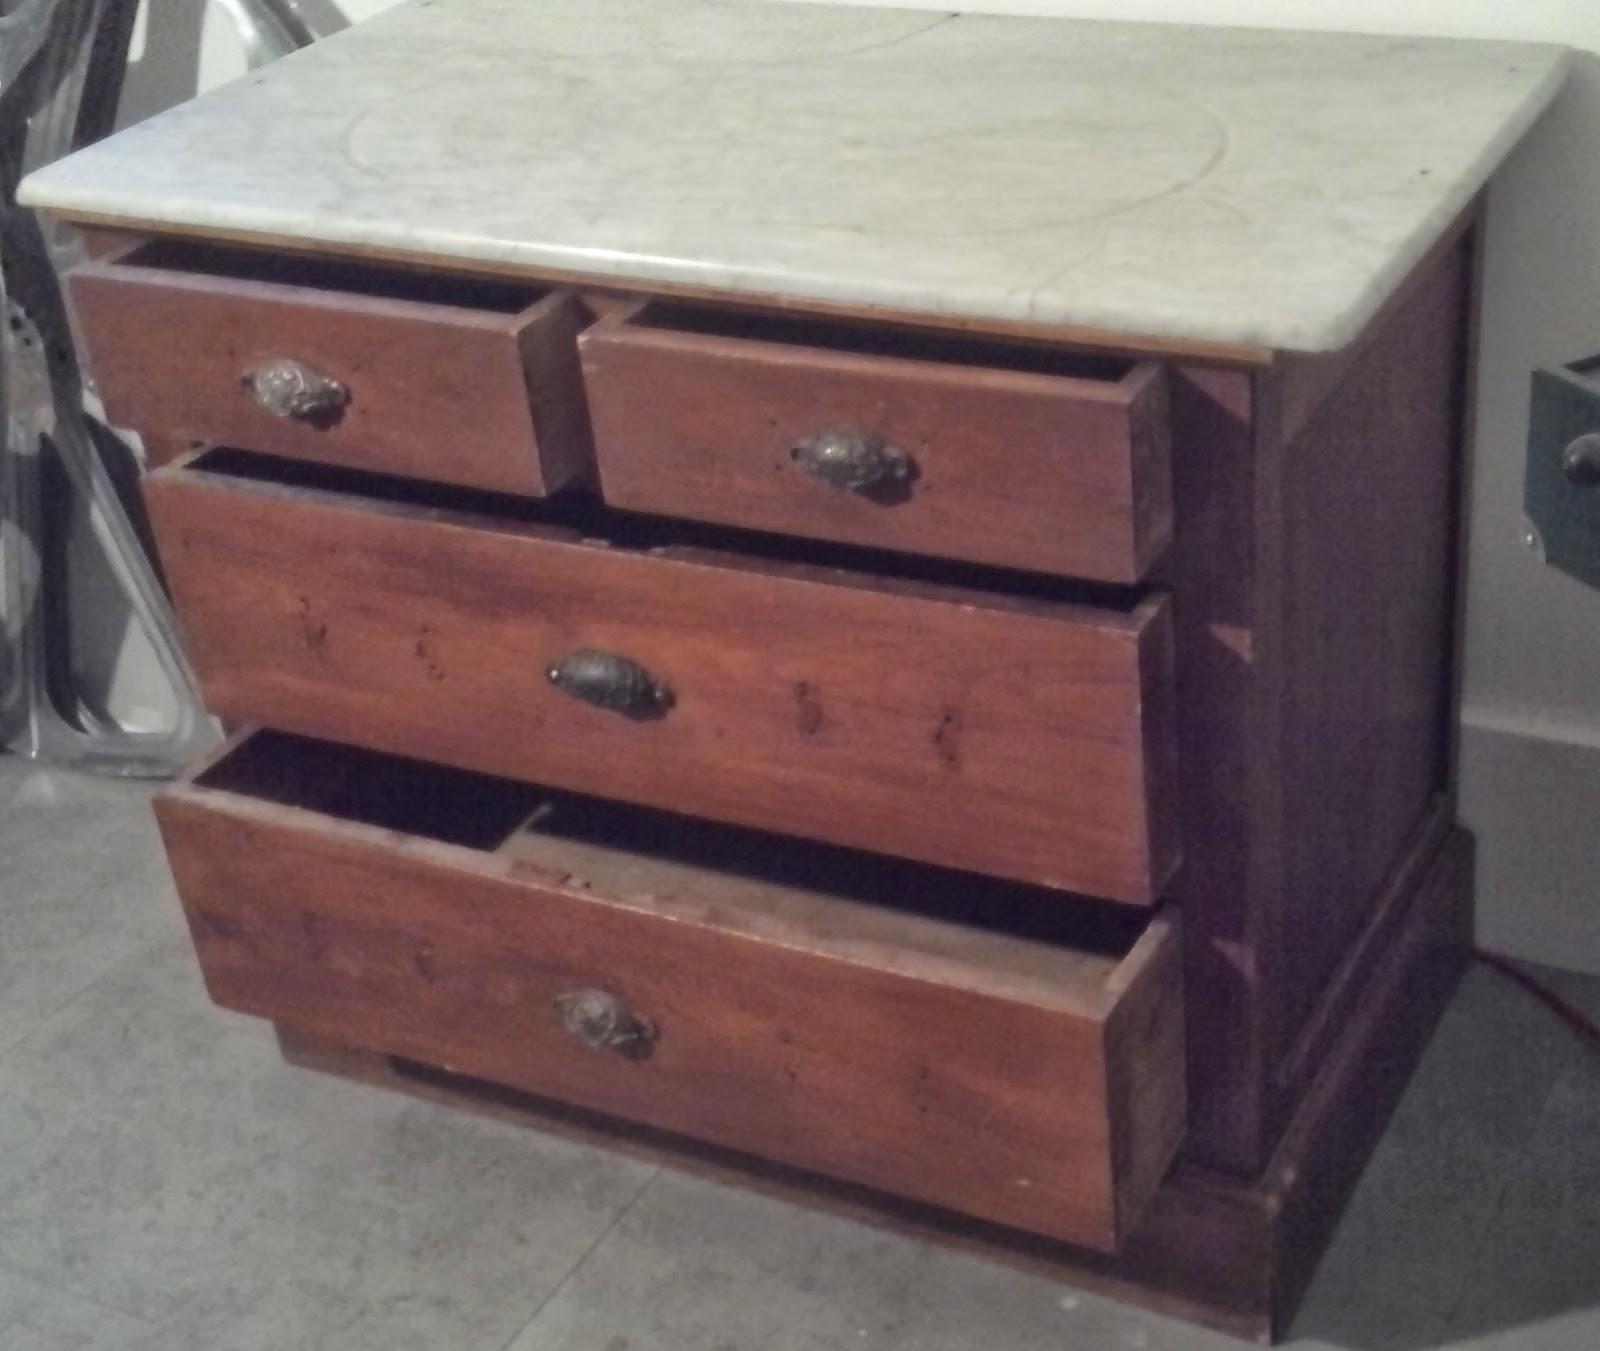 poignees pour tiroirs de commode l 39 artisanat et l 39 industrie. Black Bedroom Furniture Sets. Home Design Ideas